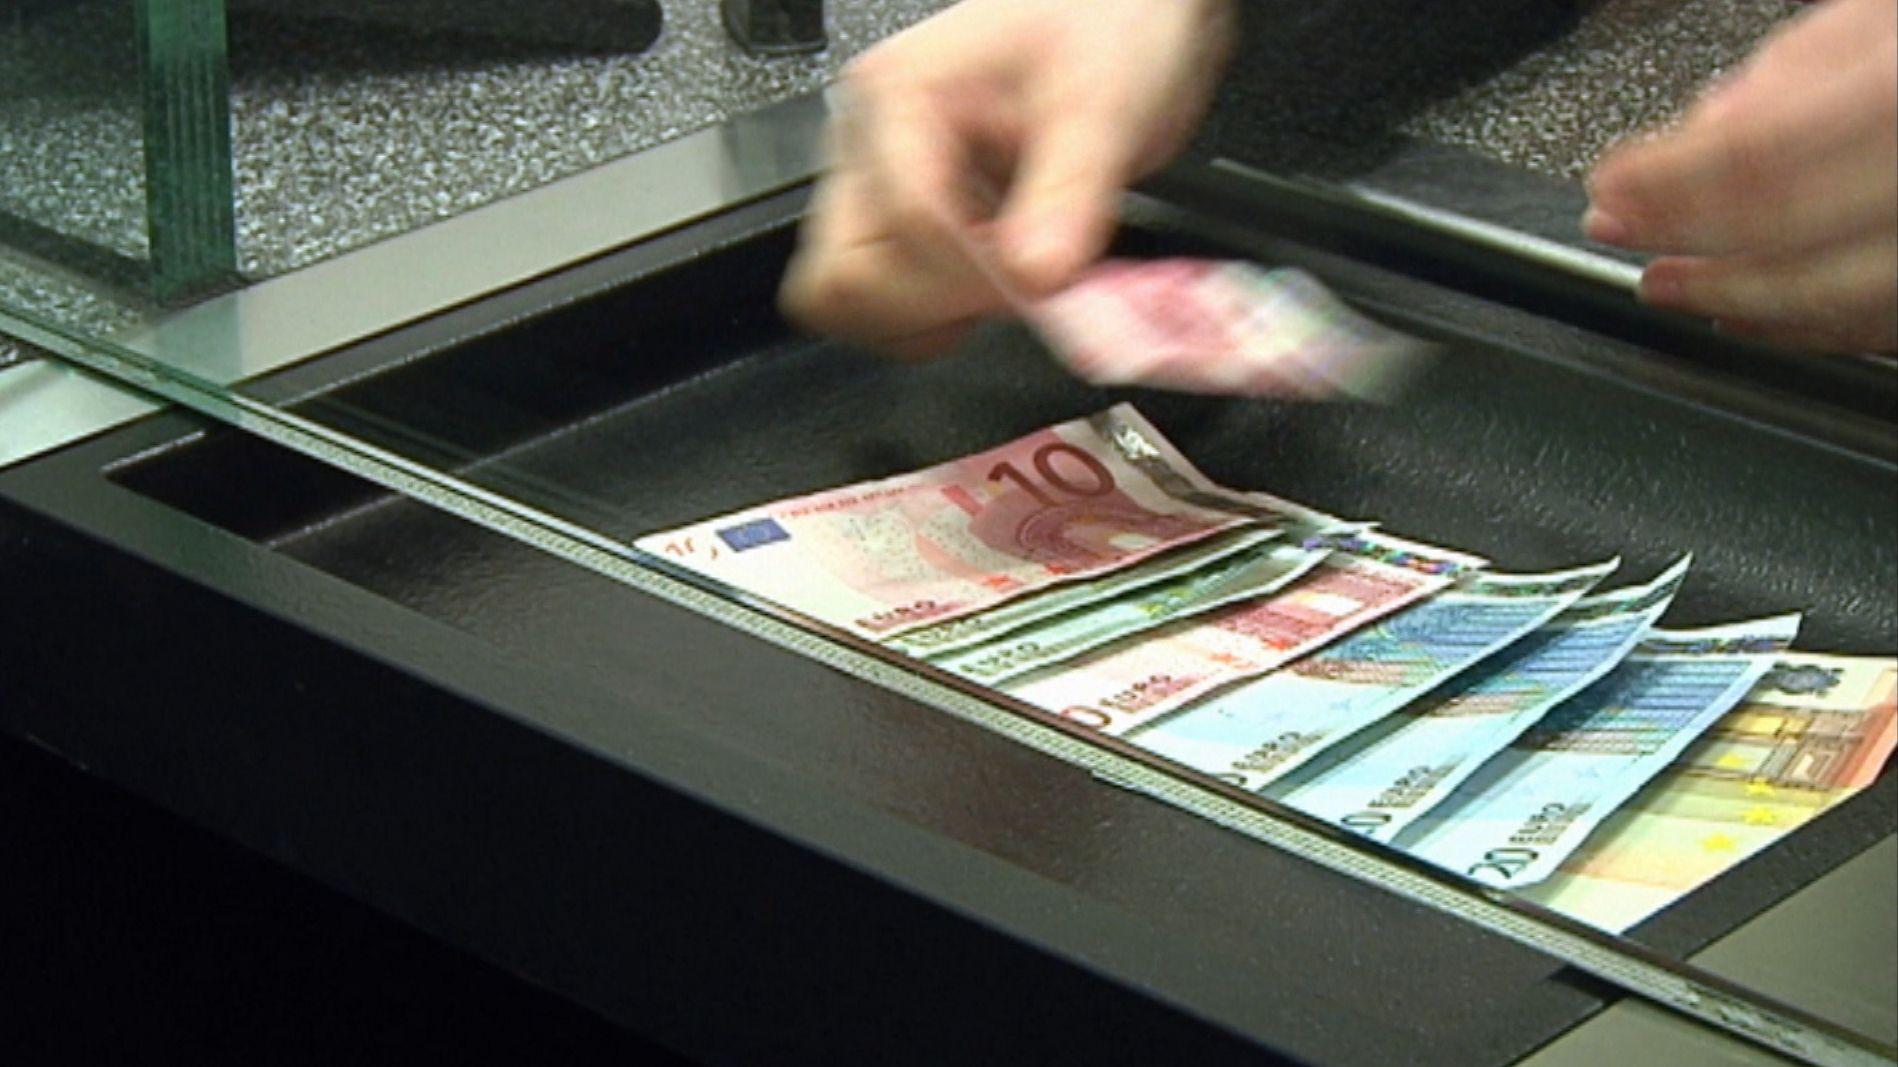 An einem Bankschalter zählt eine Person Geld ab (Symbolbild).